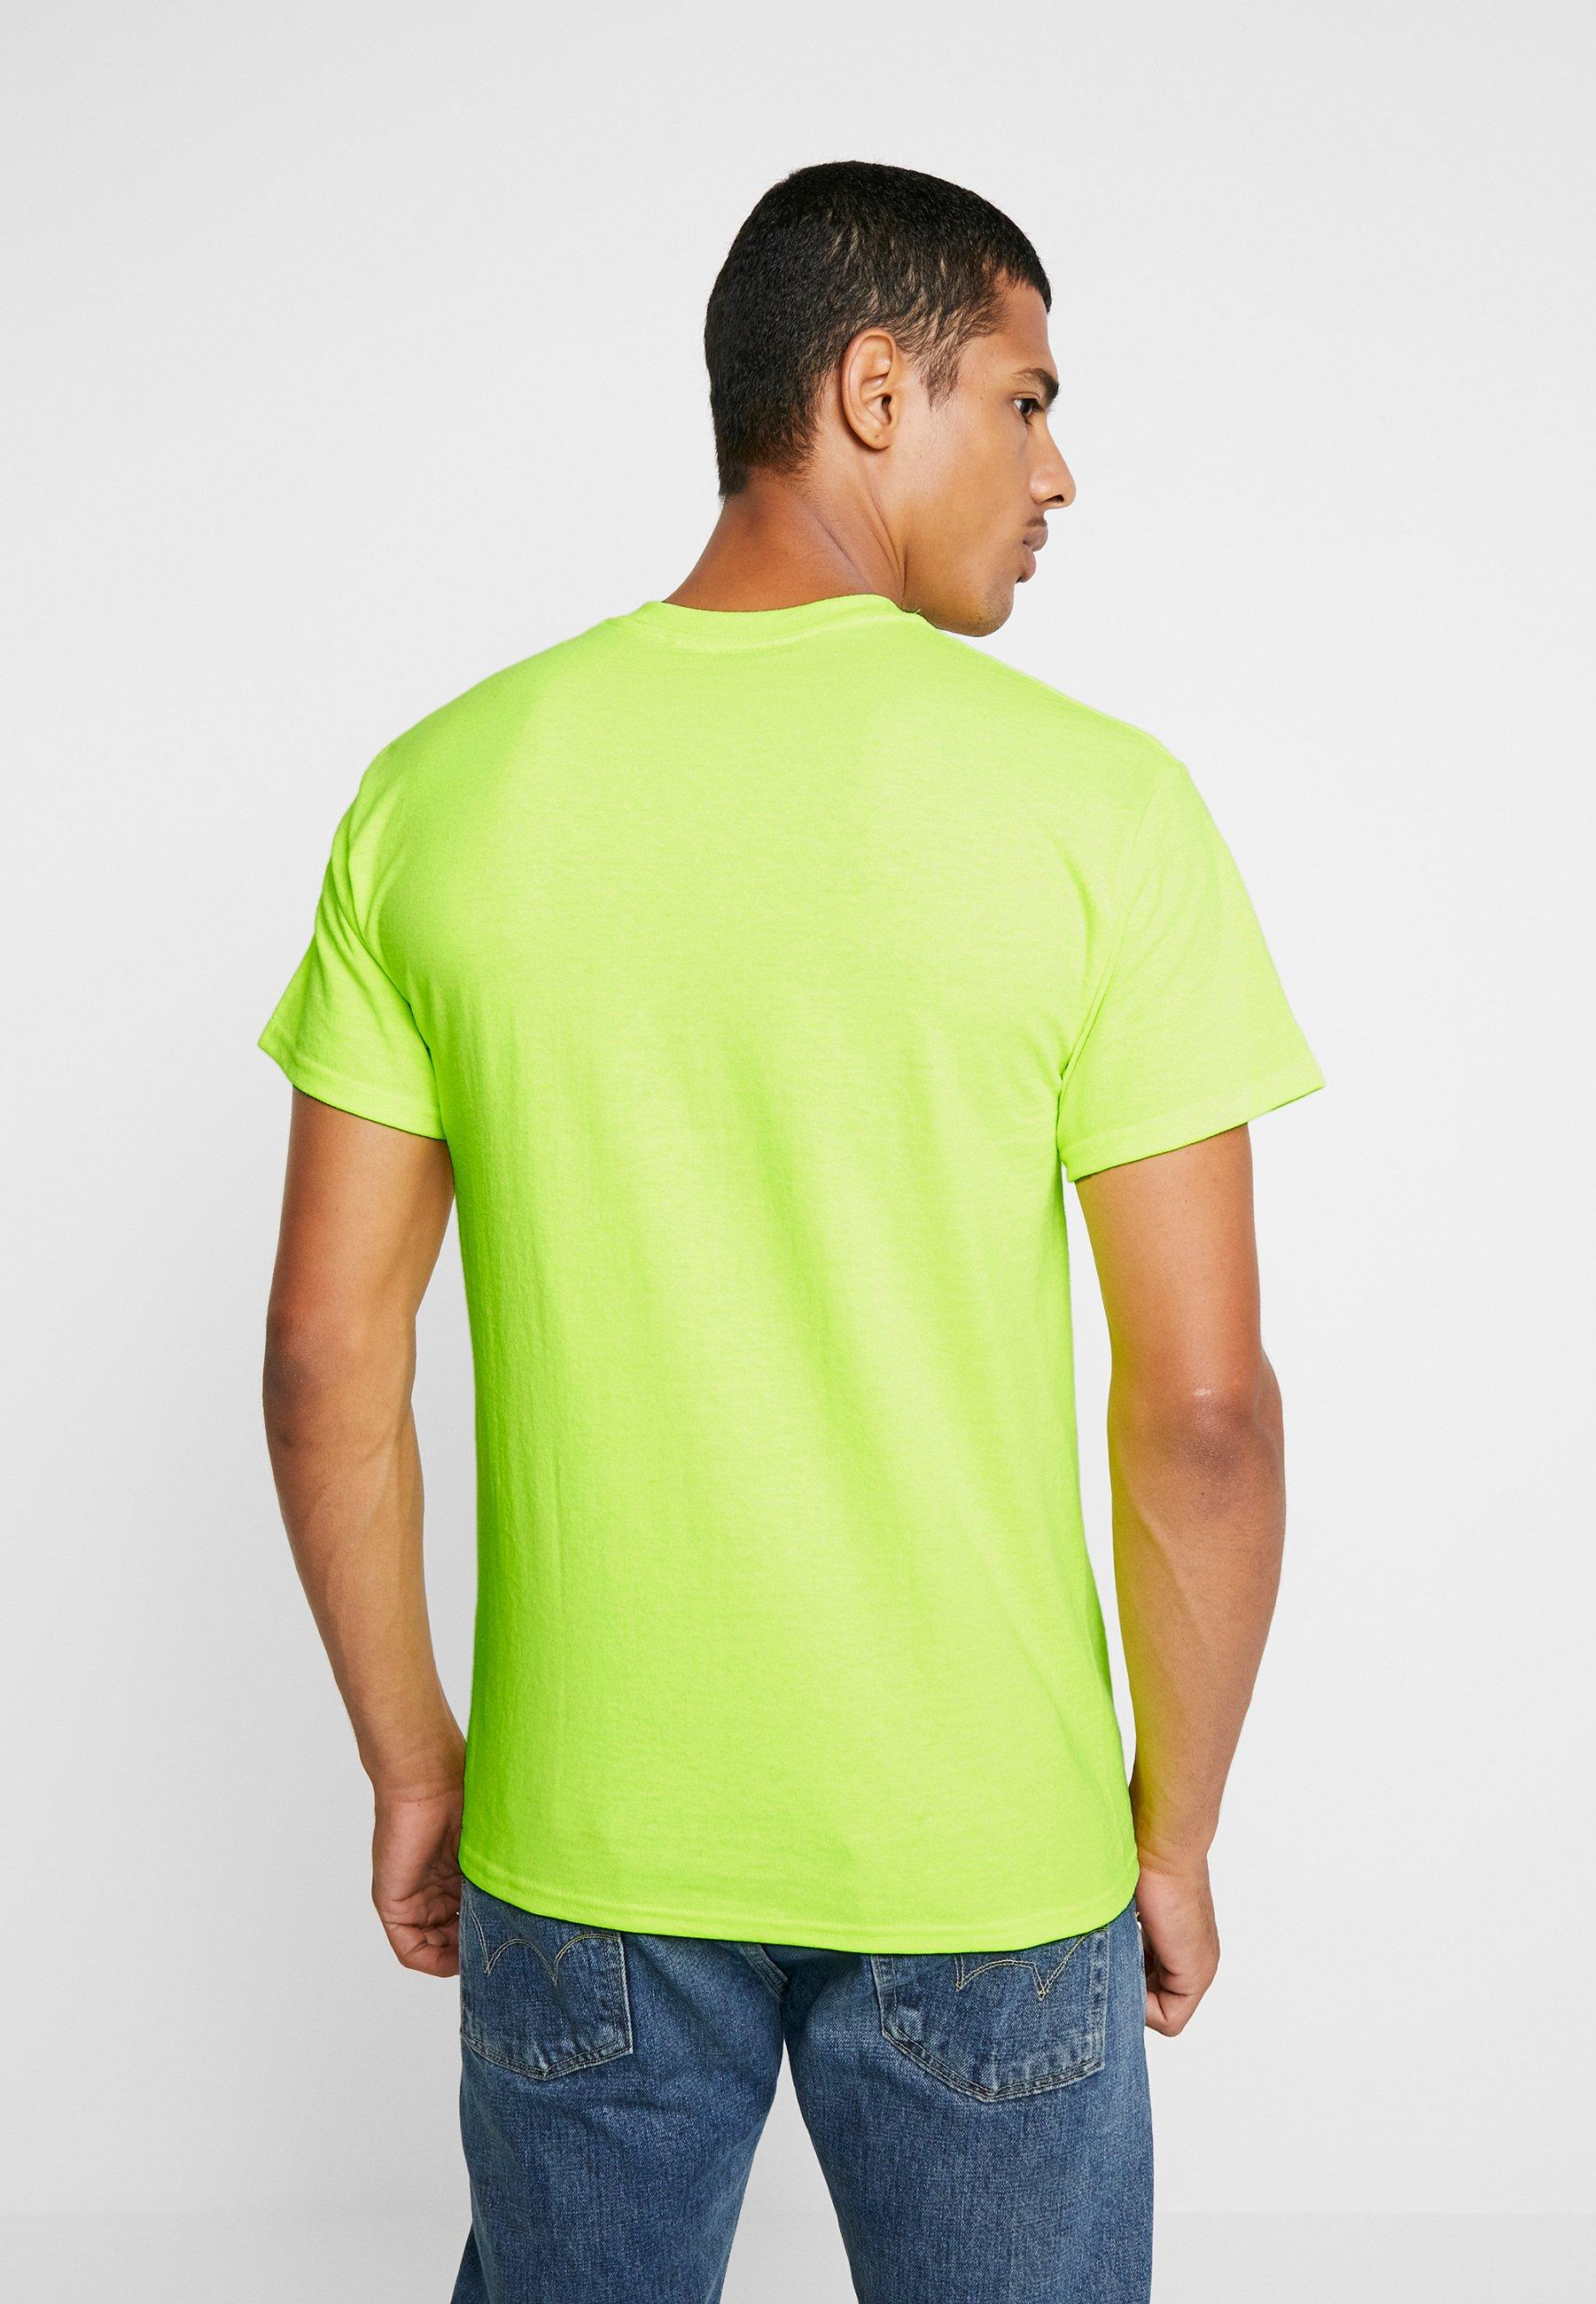 Clothing Obey Saftey JumbledT Basique shirt Green Nwn0v8Om